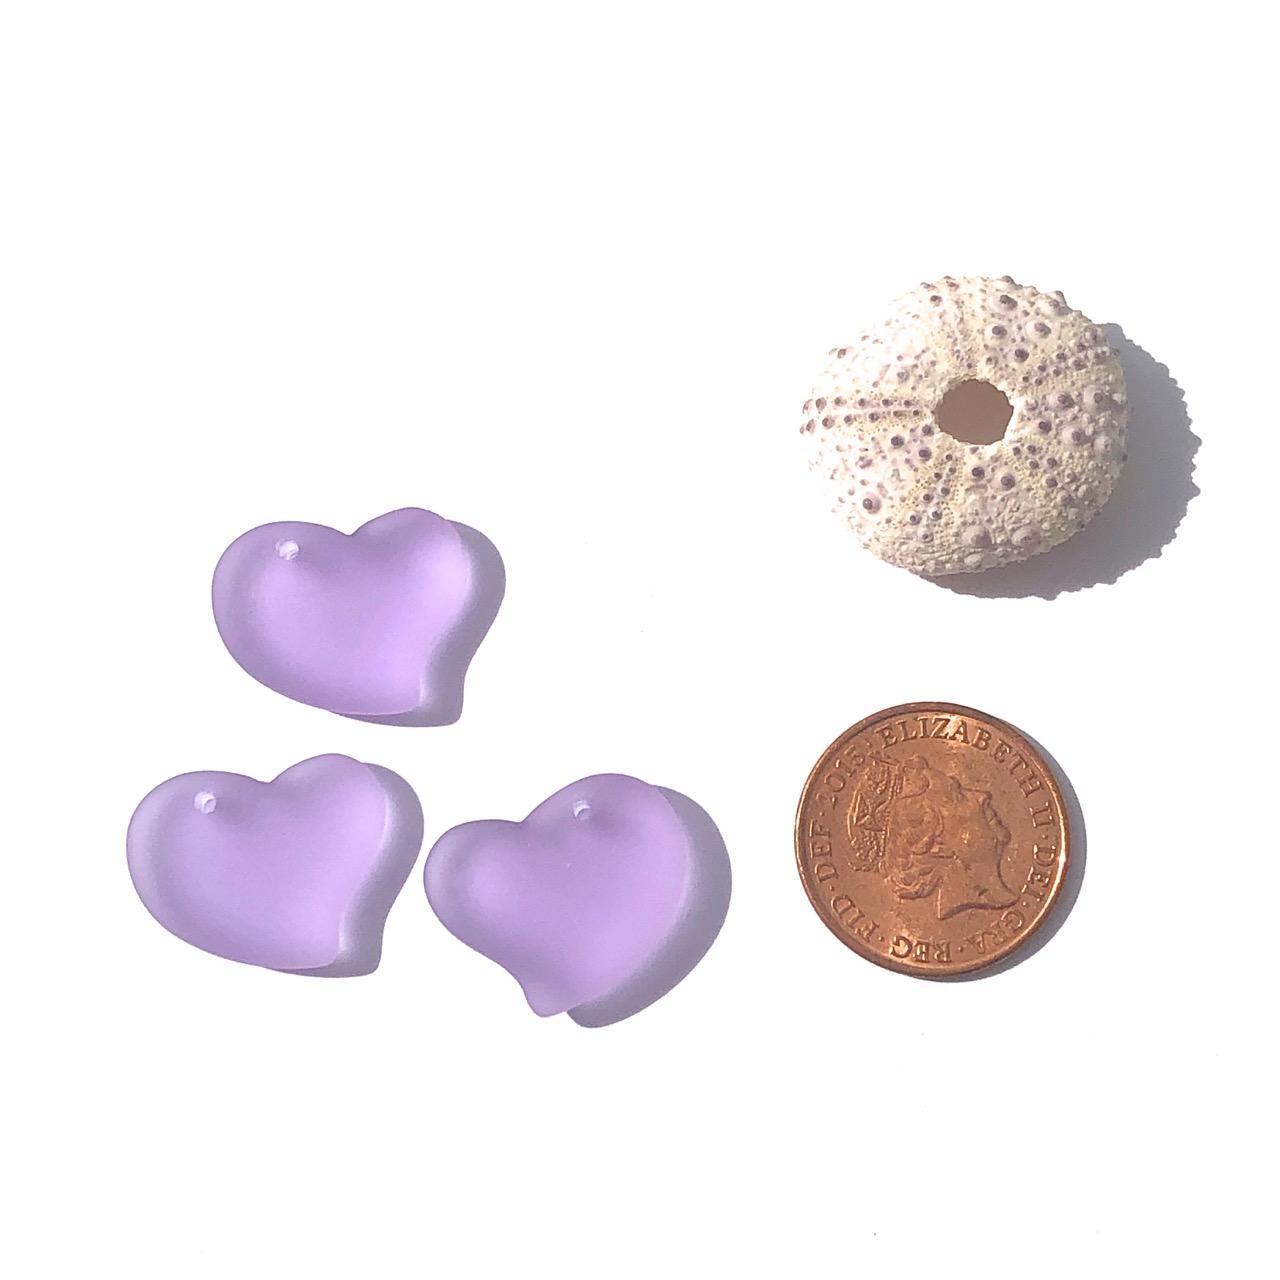 Sea Glass Heart - Periwinkle (Purple)